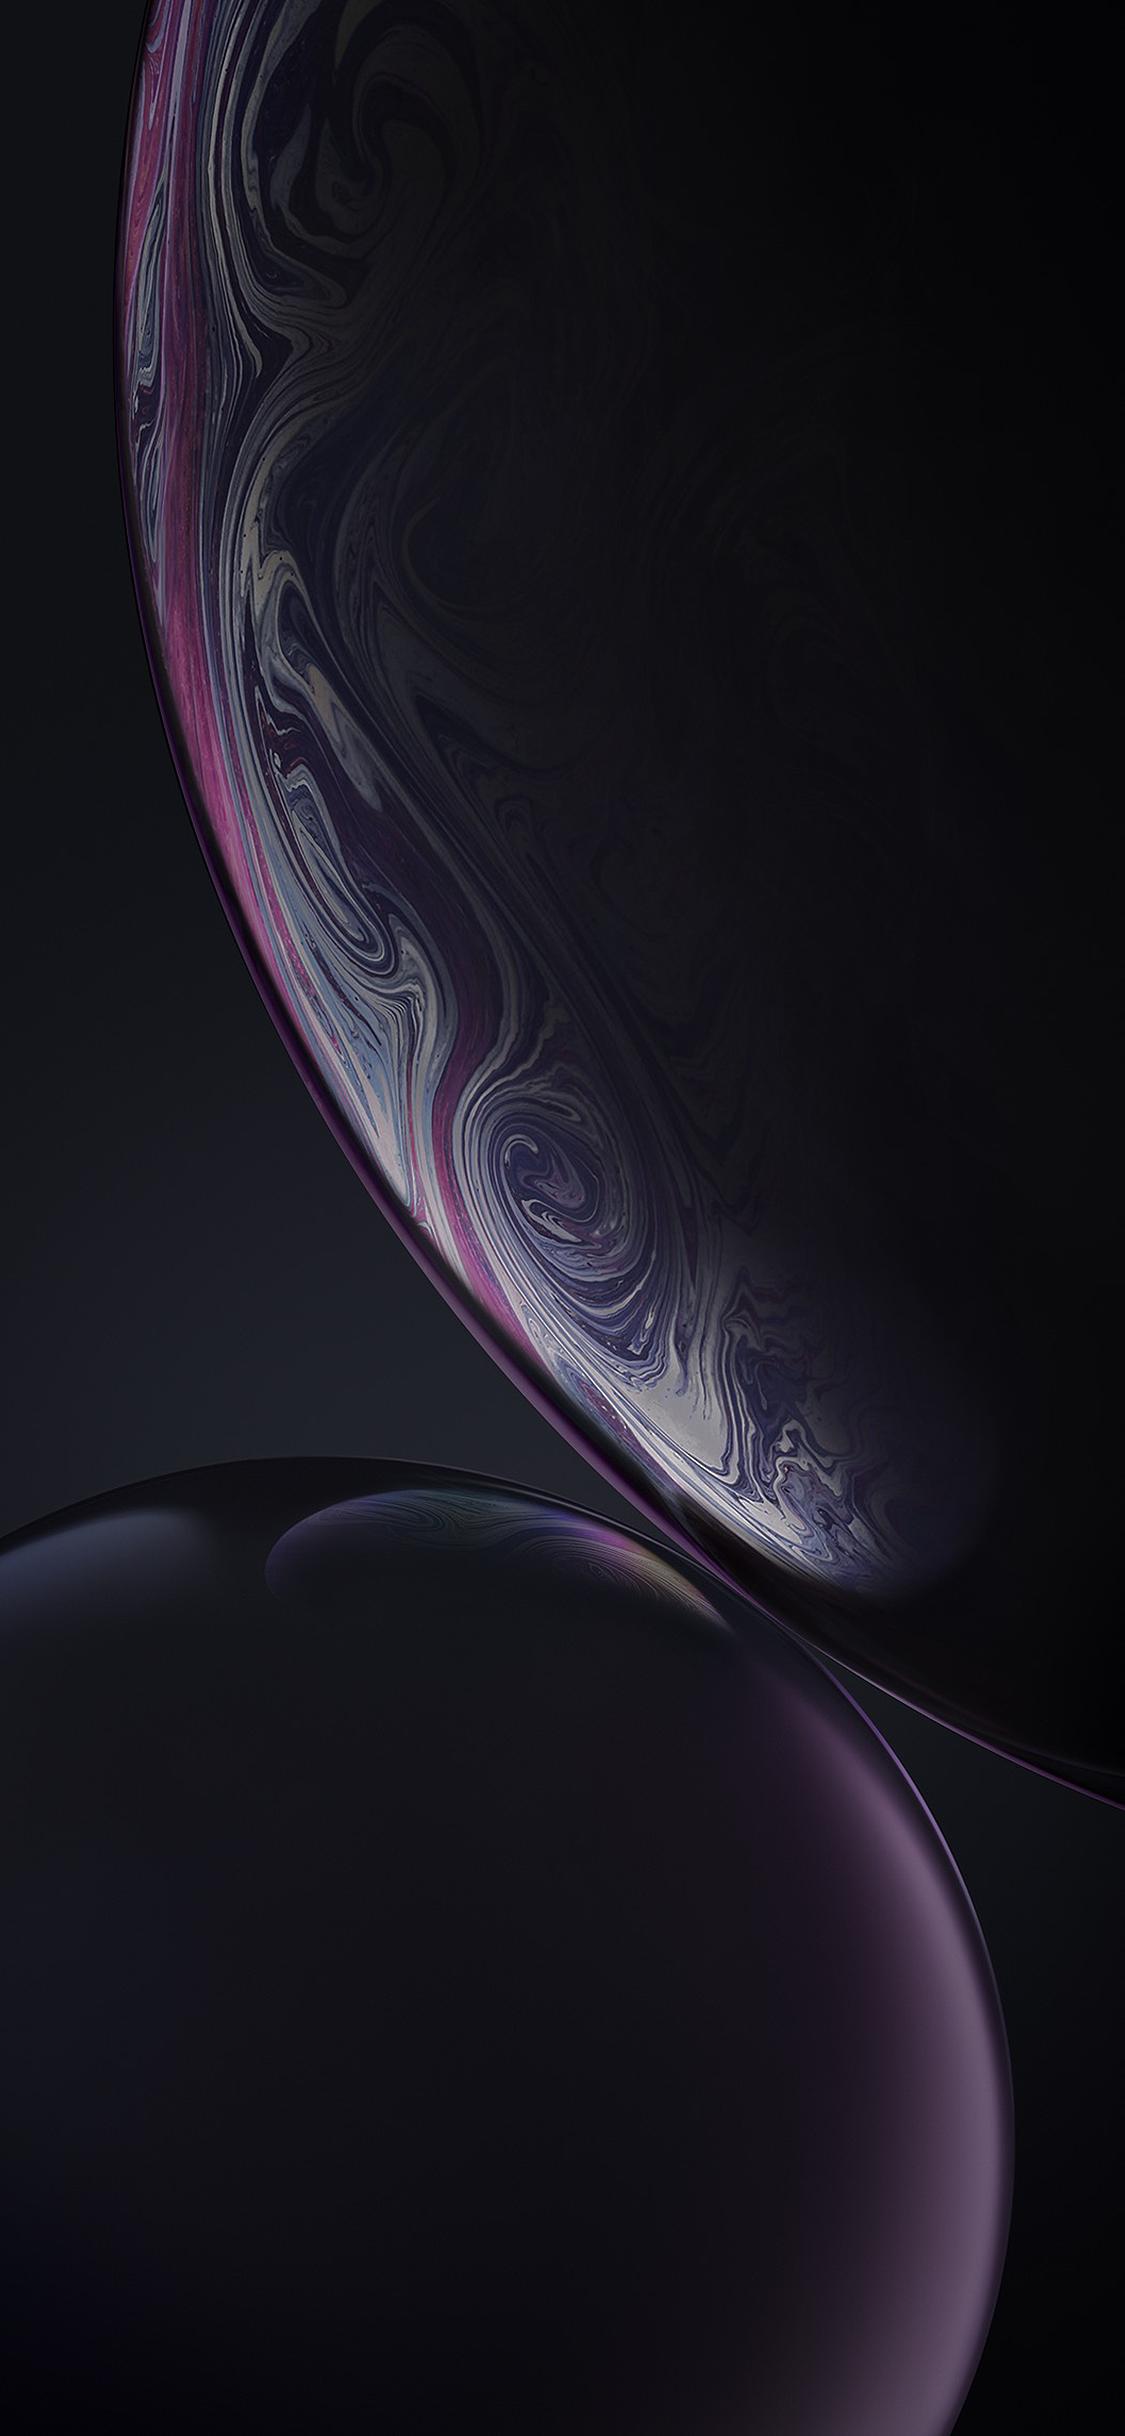 Iphone Xr Black Wallpaper Galaxy Wallpaper Latar Belakang Wallpaper Iphone